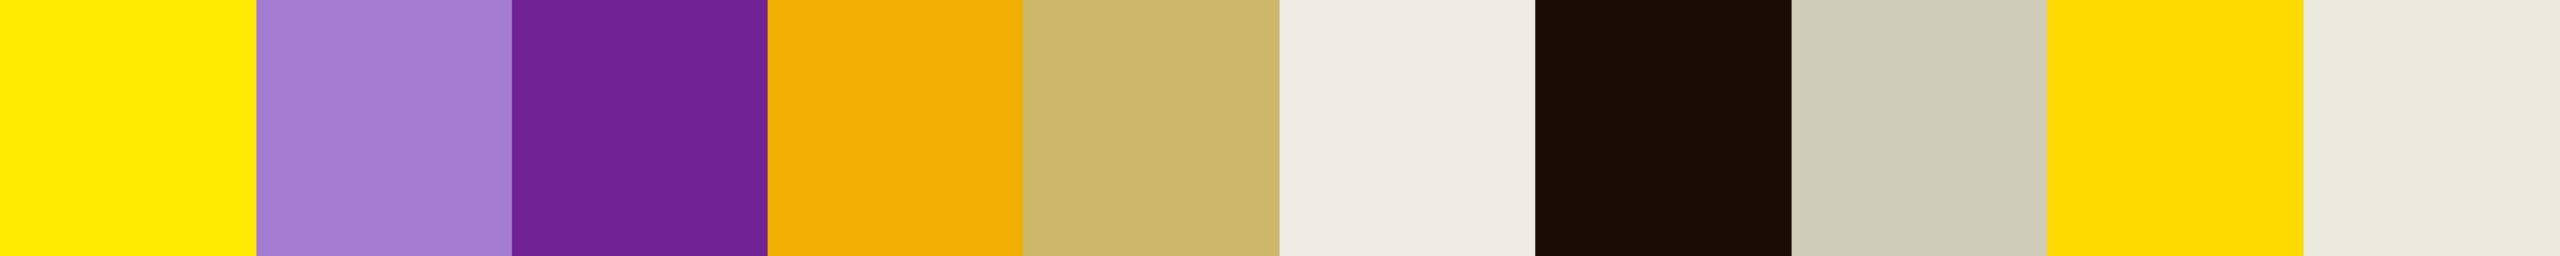 74 Rixiata Color Palette